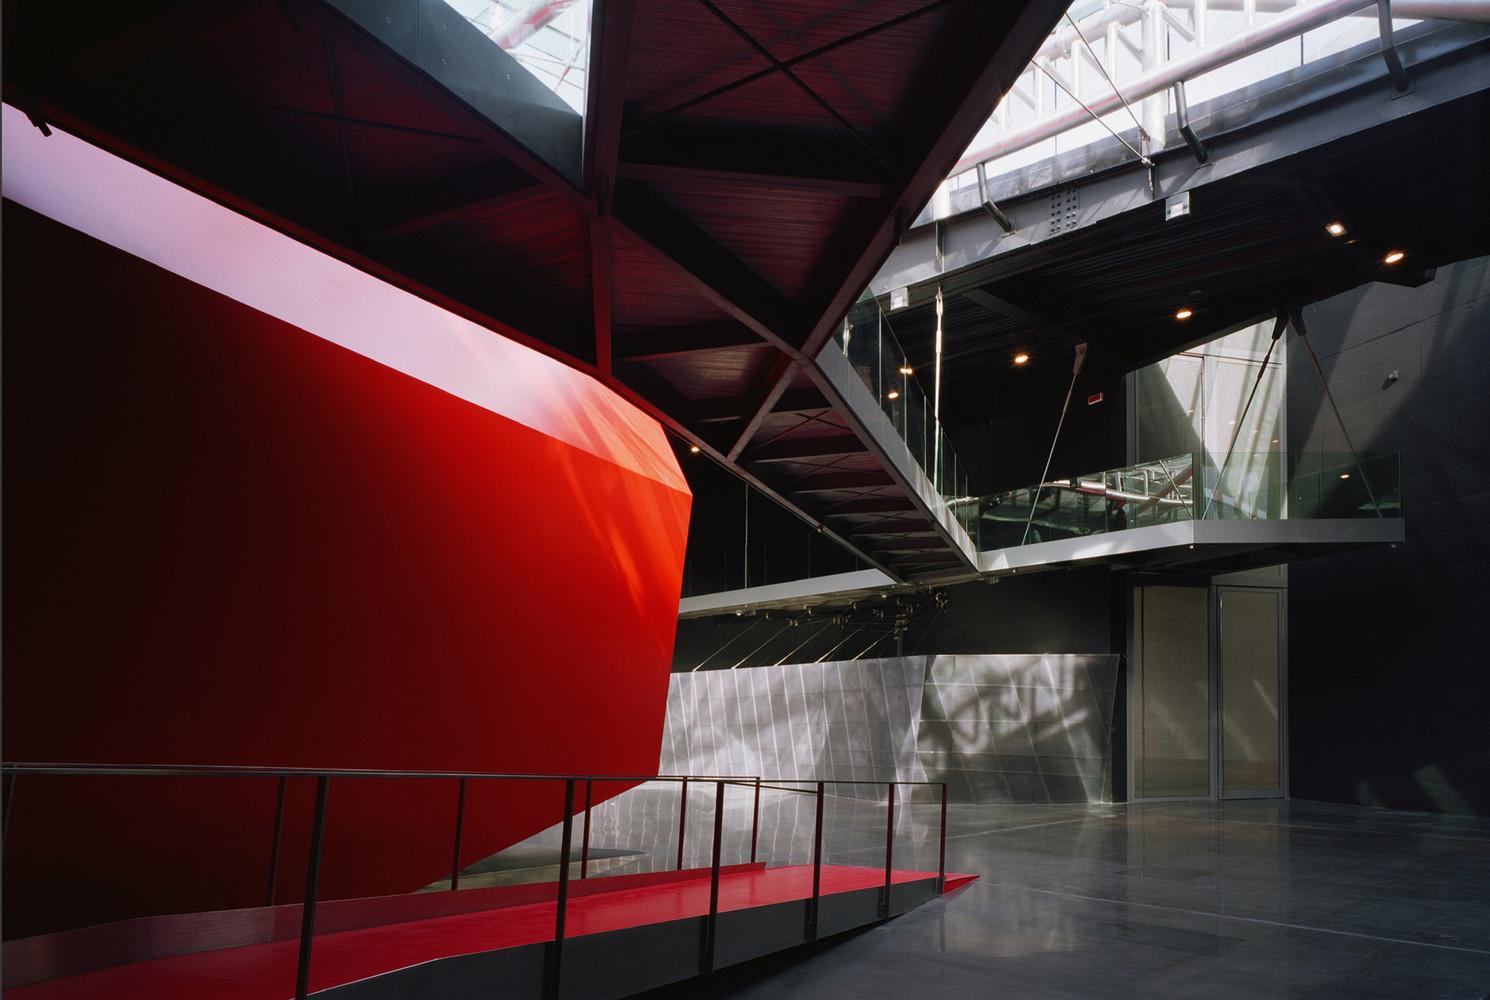 красный и черный цвета в интерьере Музея современного искусства MACRO в Риме